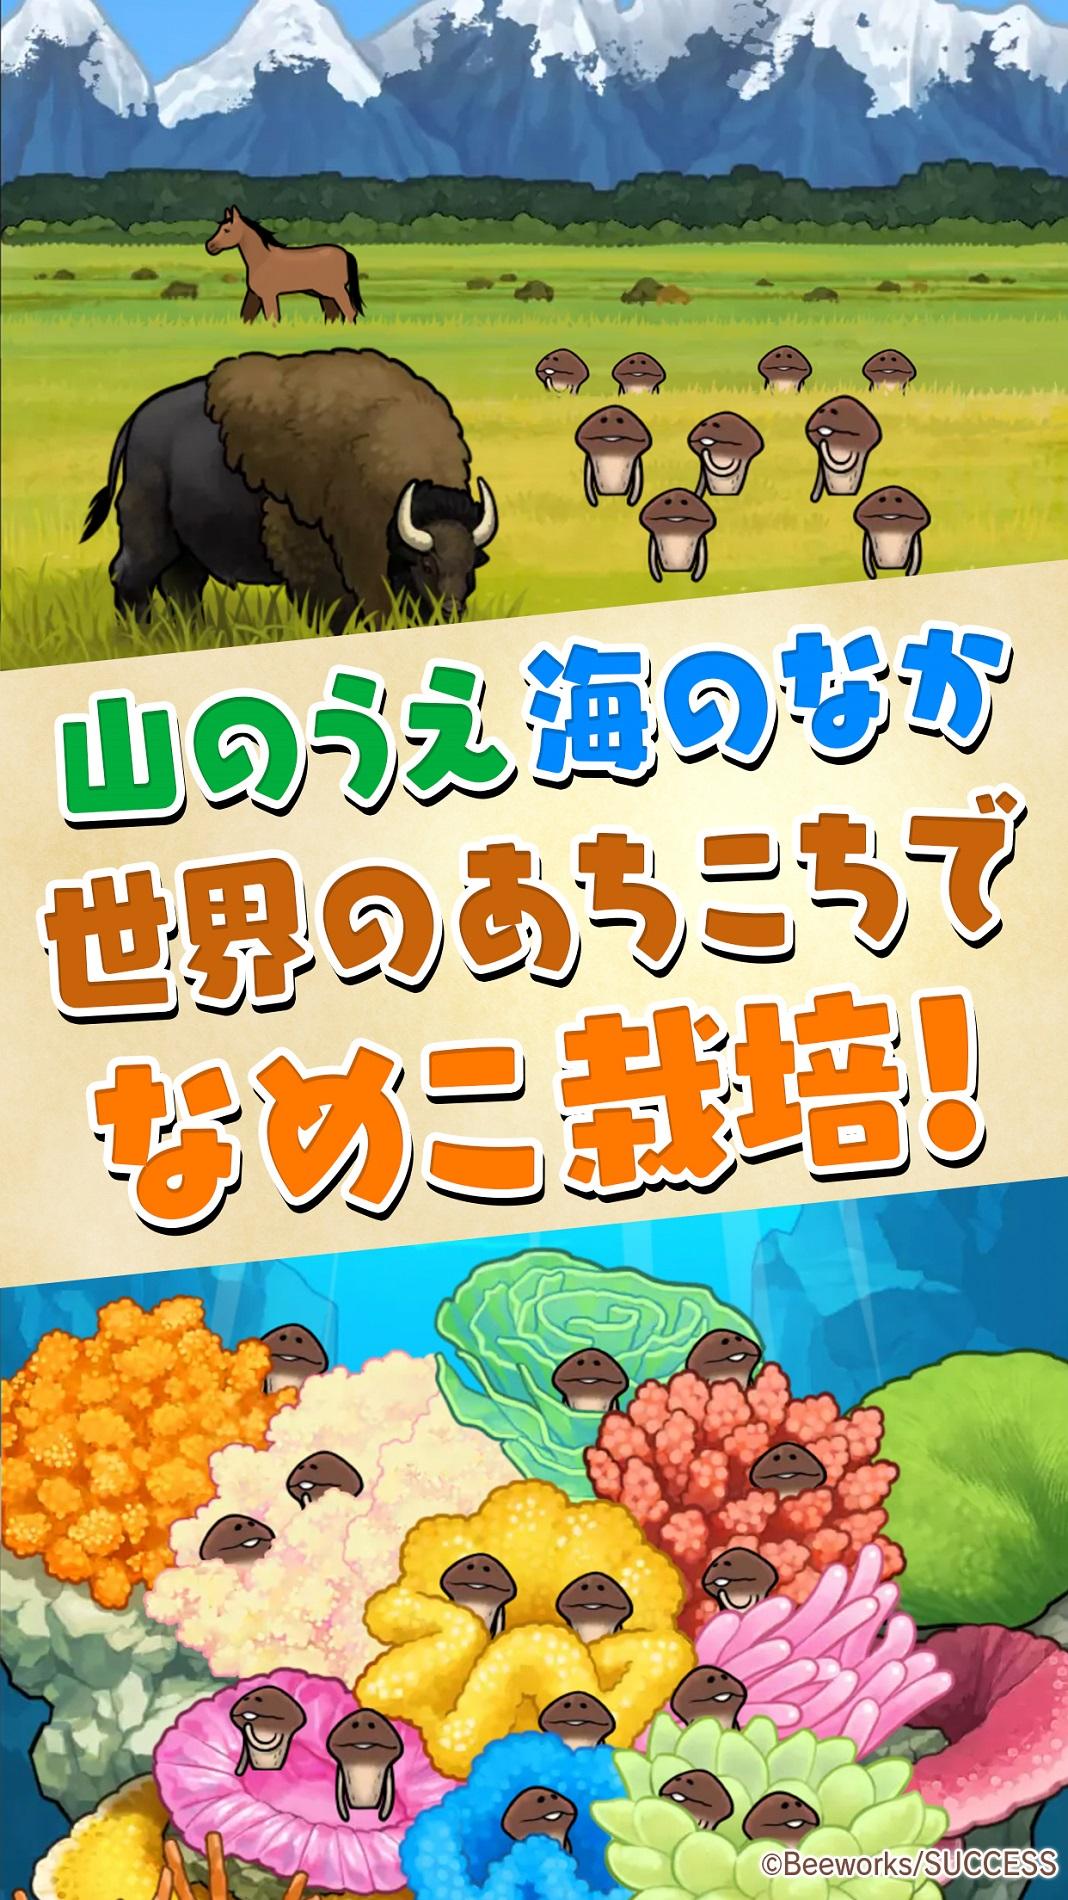 『なめこ栽培キット ザ・ワールド』がアップデート!新調査地「マサル島」「九份」が登場!!